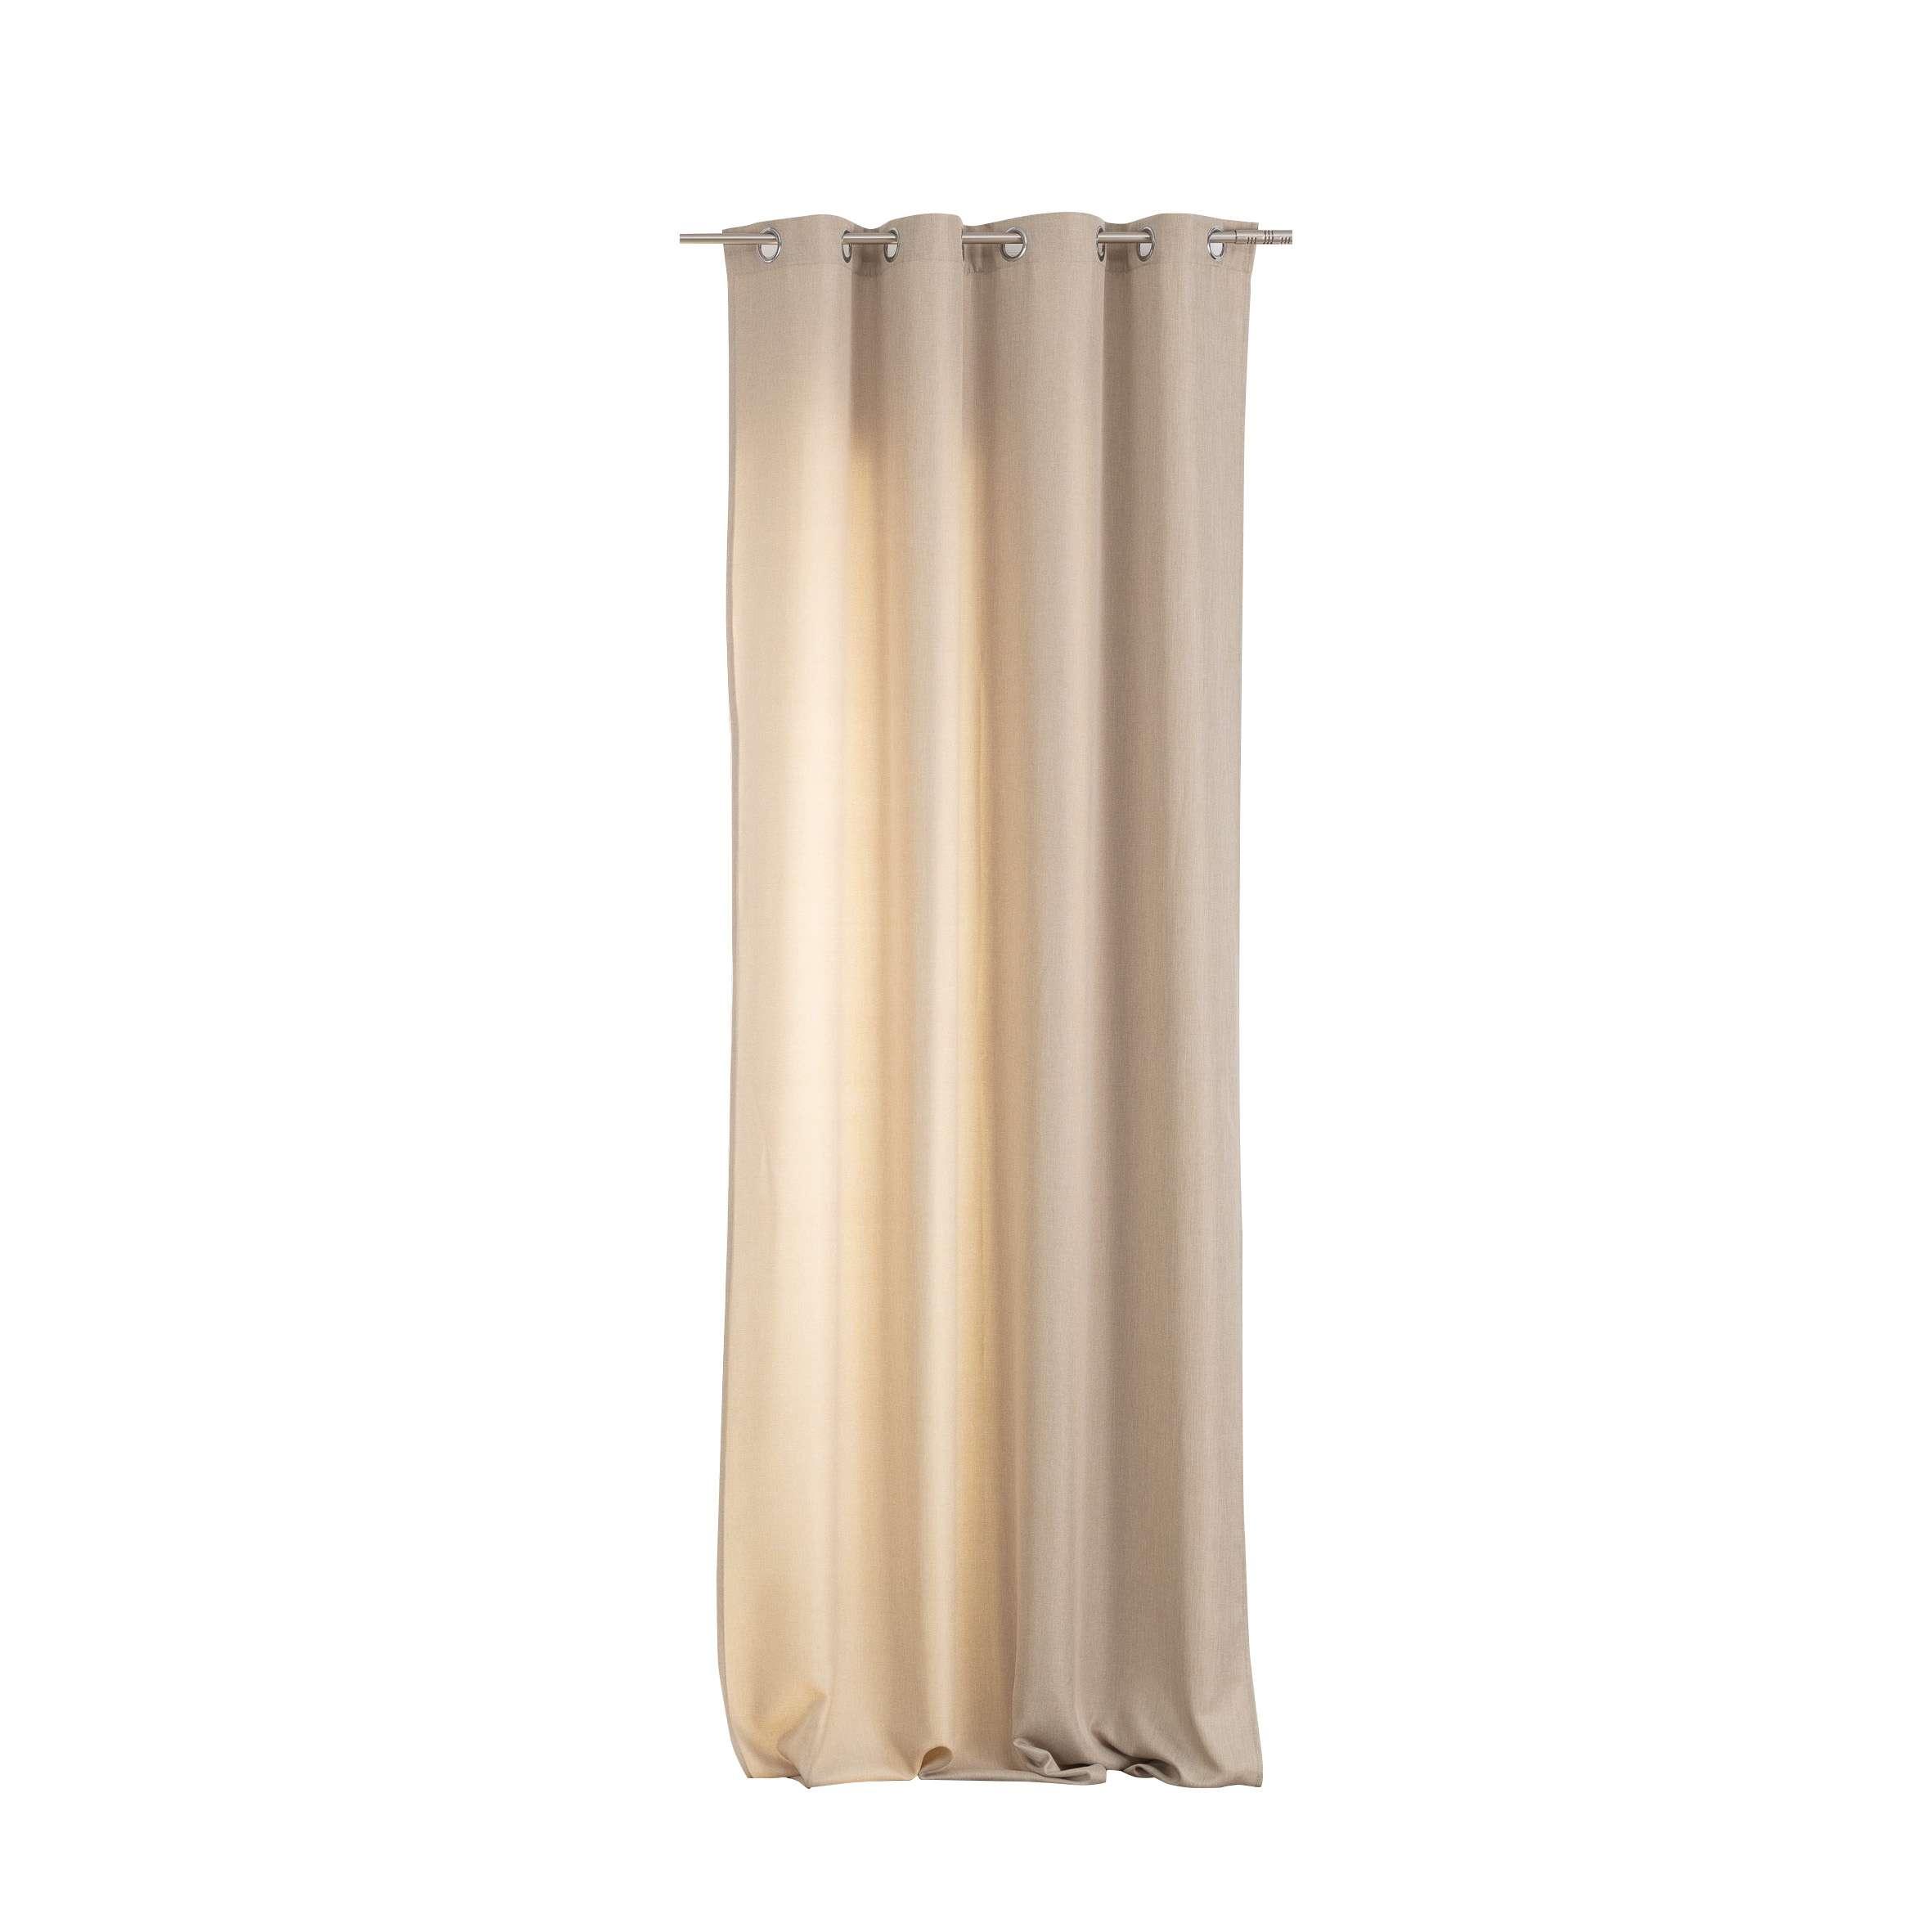 Zasłona BASIC na kółkach 140x280cm piaskowy beż 1 szt.